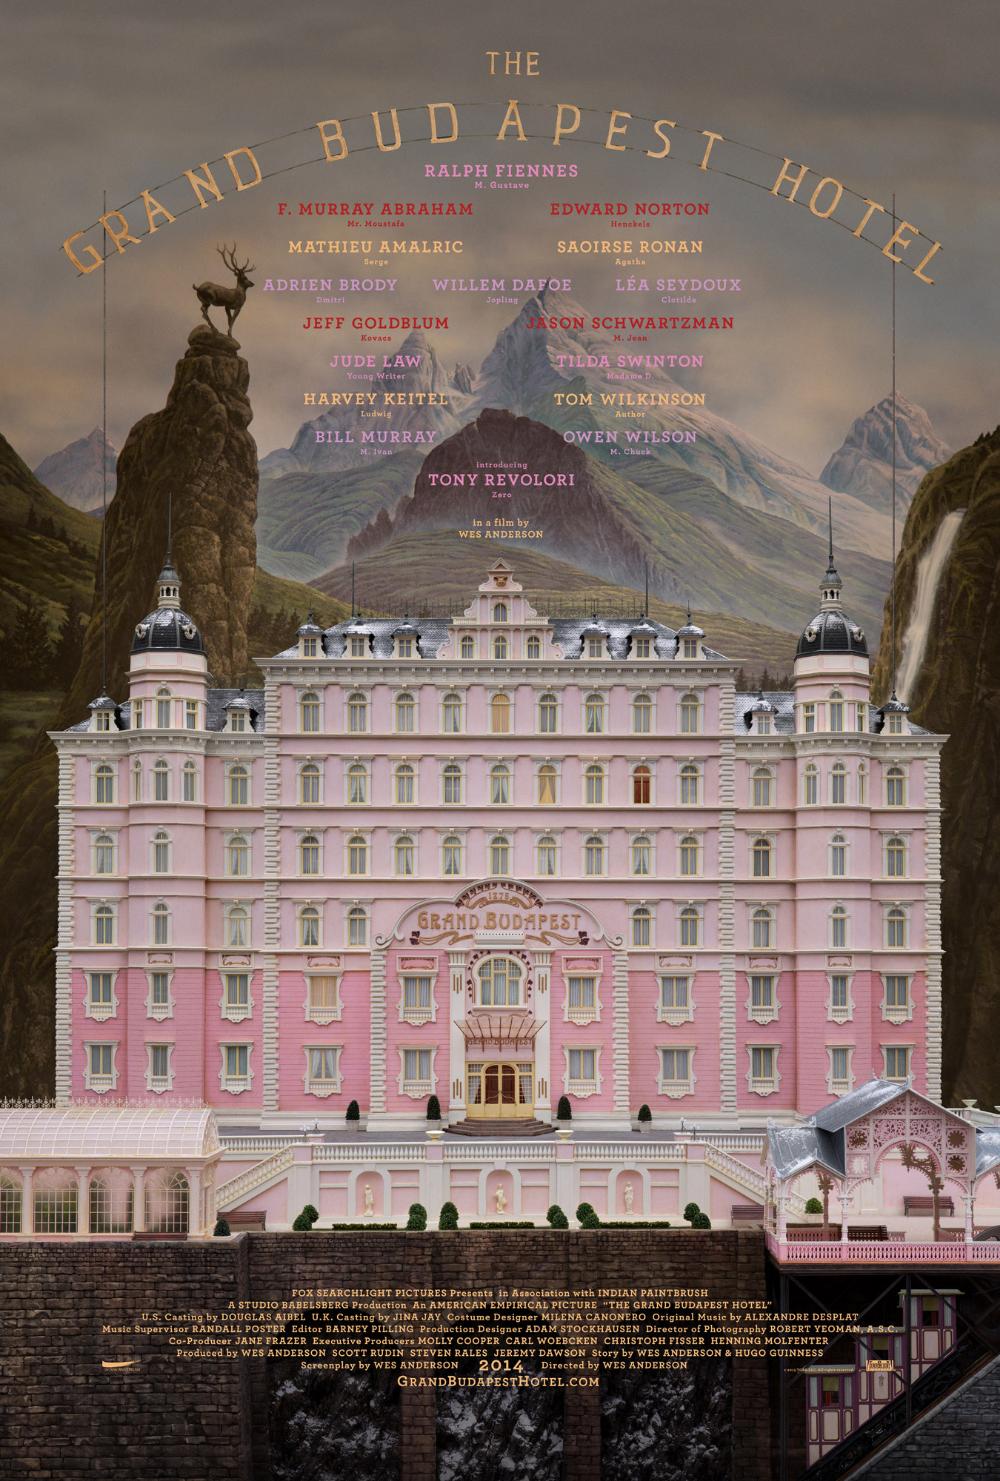 The Grand Budapest Hotel Film Google Search Med Billeder Film Grafisk Design Design